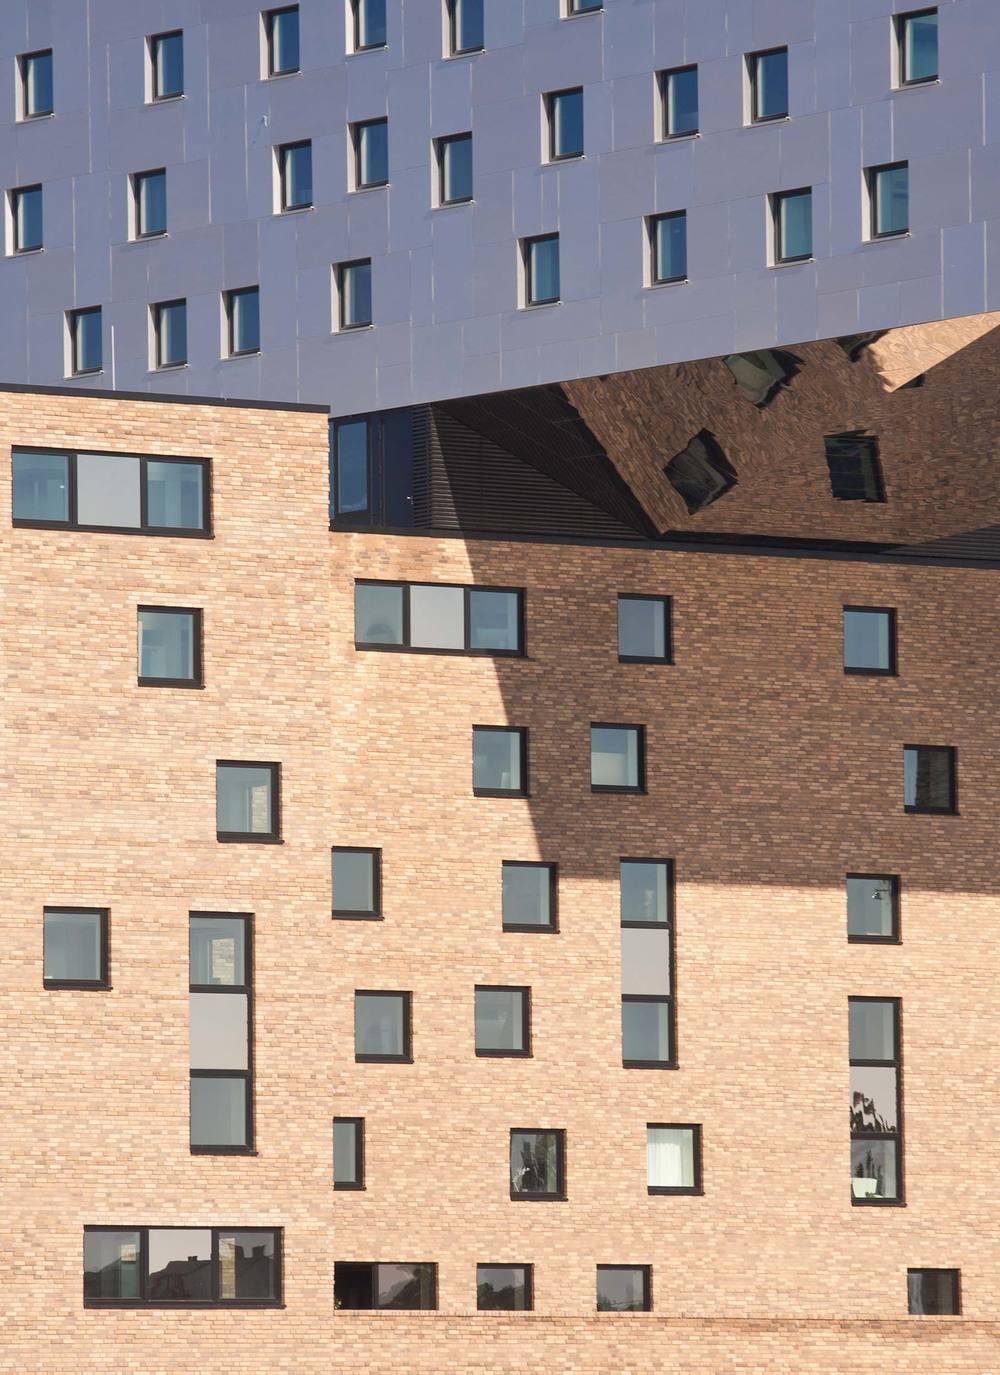 23 nhow Hotel Berlin Ausschnitt Südfassade.jpg